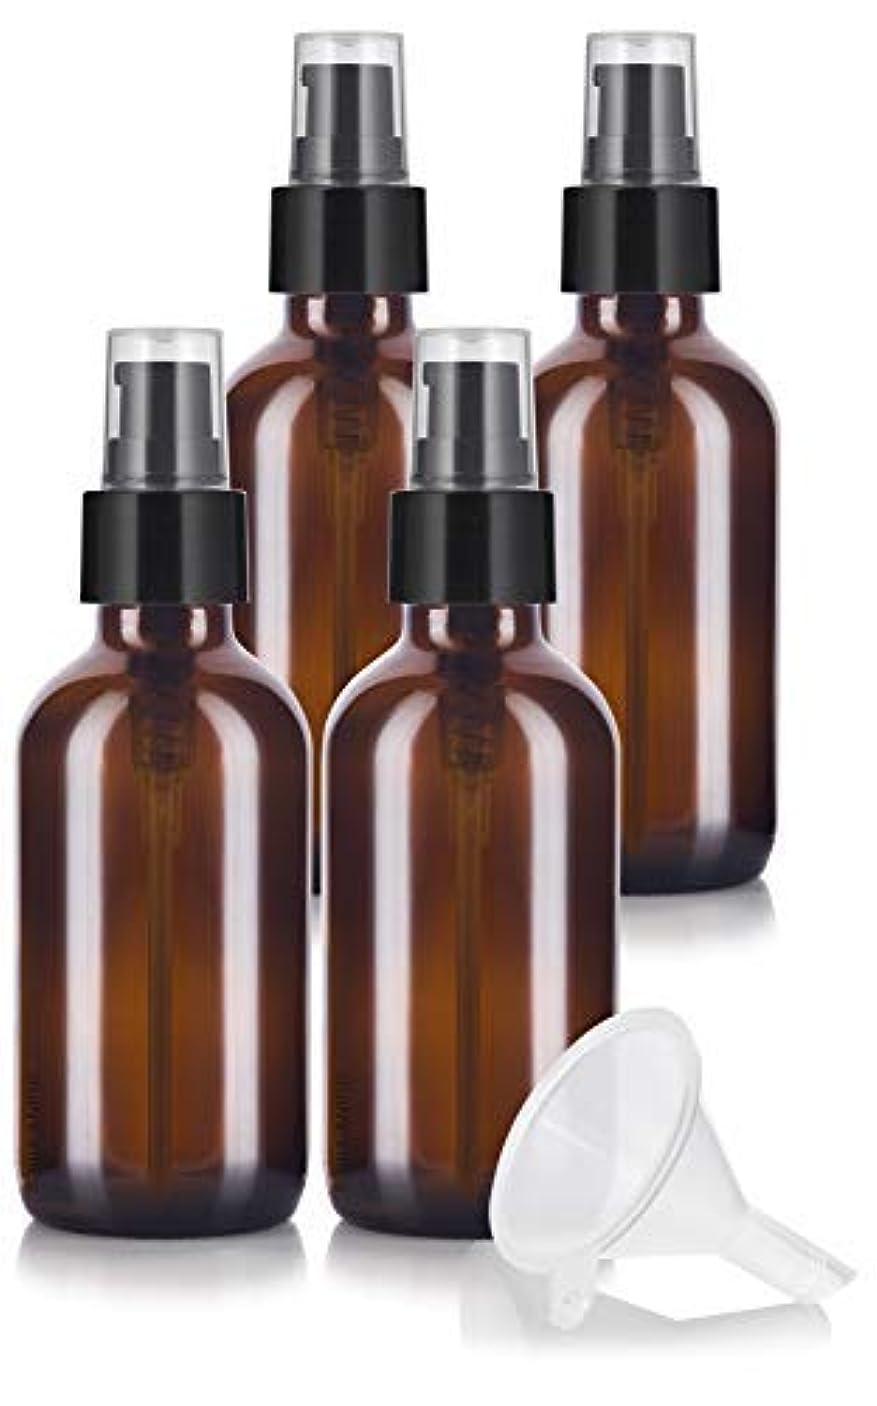 化学薬品ある推測4 oz Amber Glass Boston Round Treatment Pump Bottle (4 pack) + Funnel and Labels for essential oils, aromatherapy...